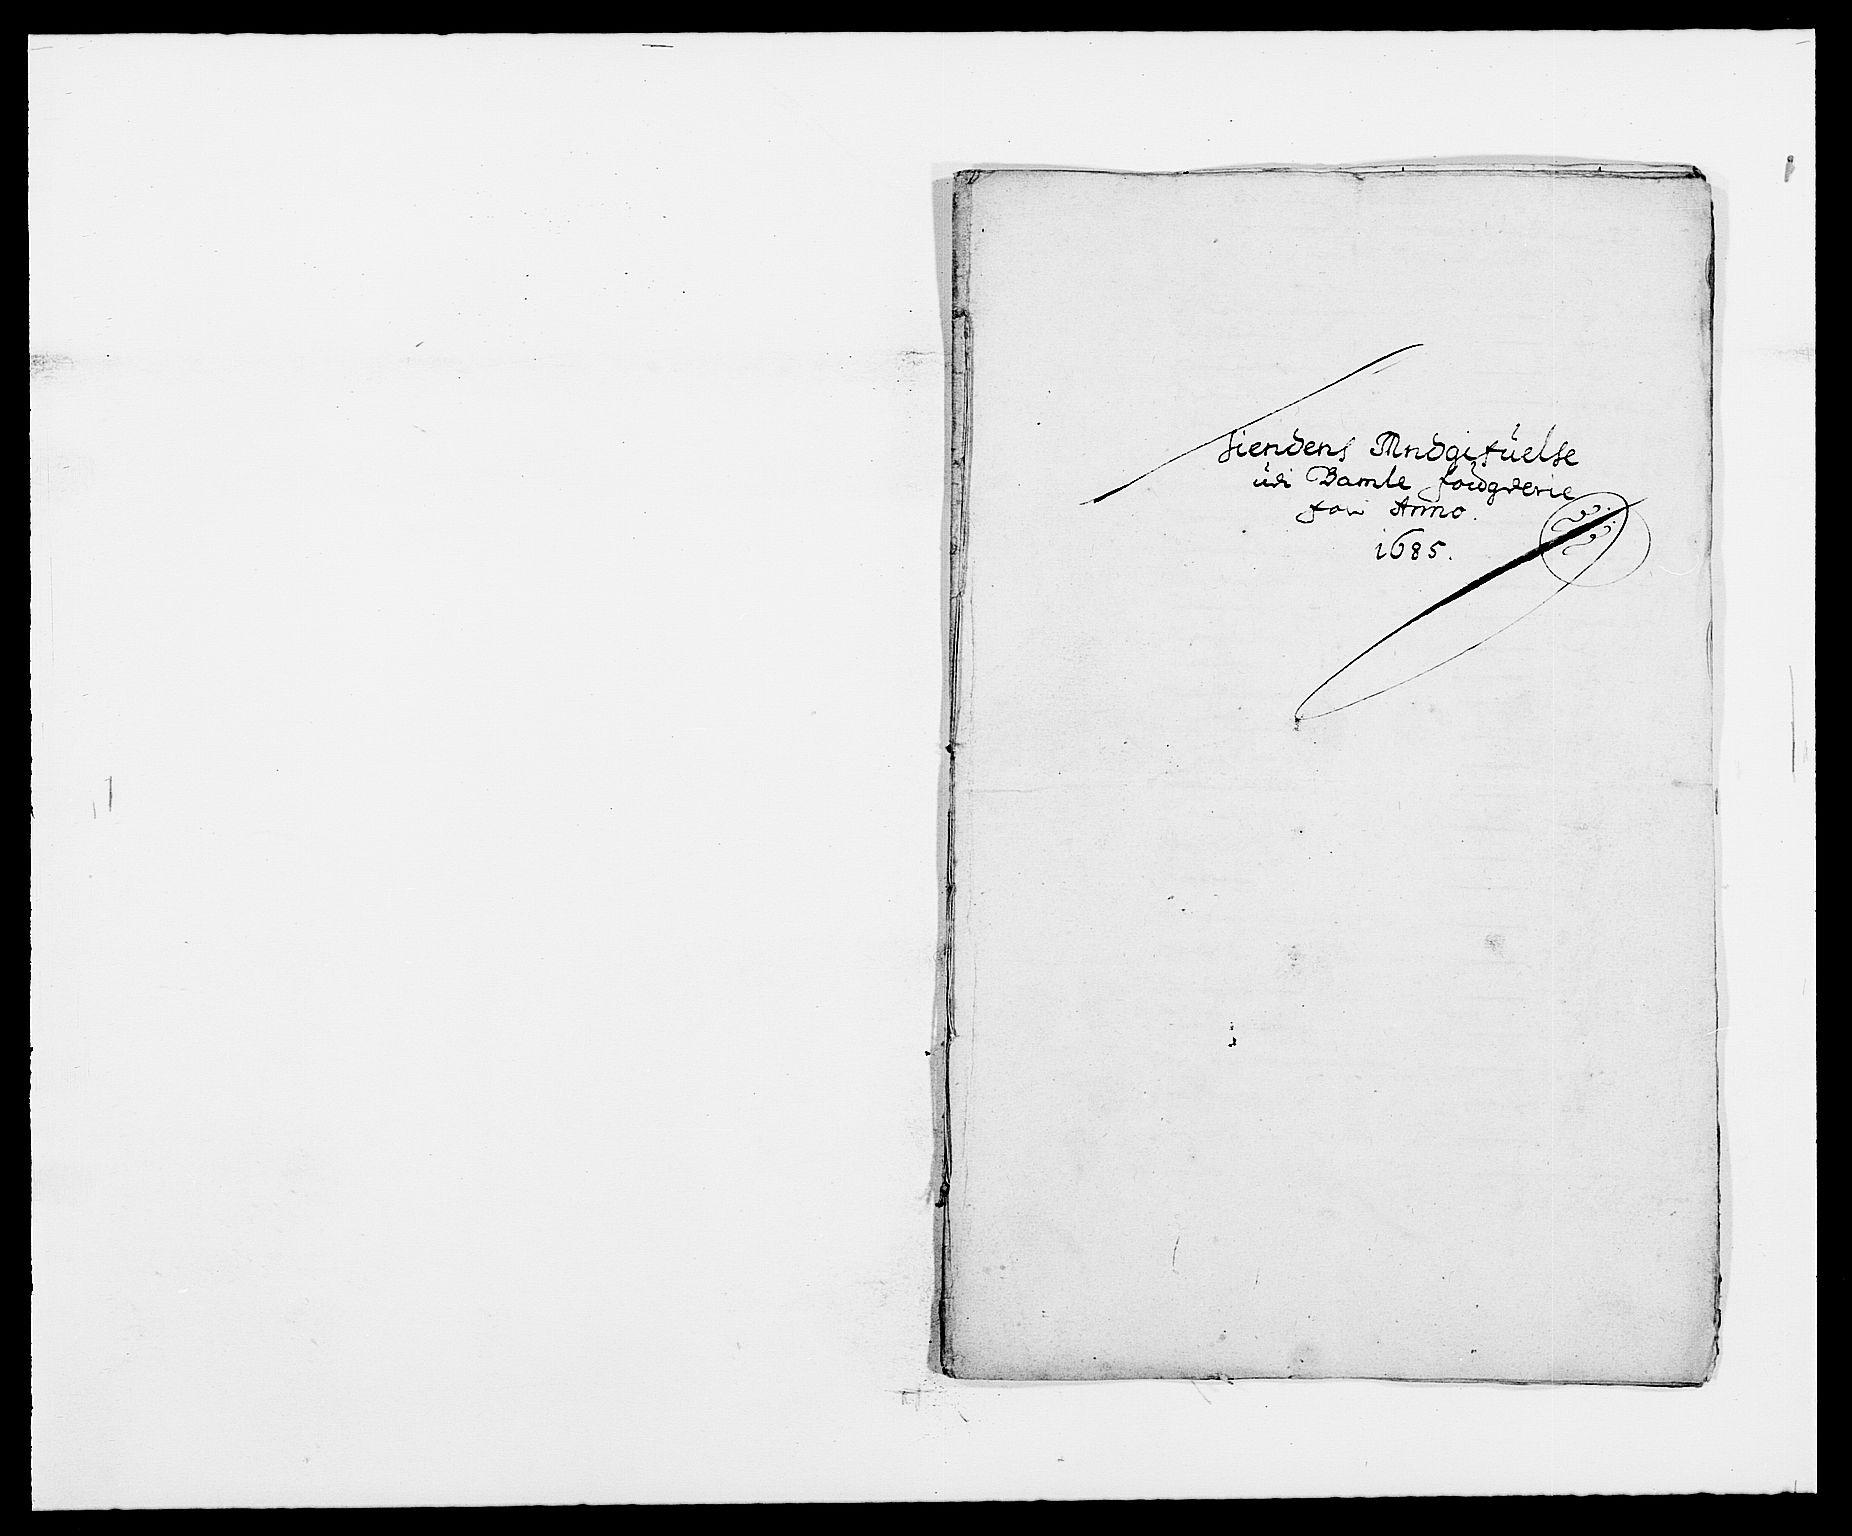 RA, Rentekammeret inntil 1814, Reviderte regnskaper, Fogderegnskap, R34/L2048: Fogderegnskap Bamble, 1685-1687, s. 62